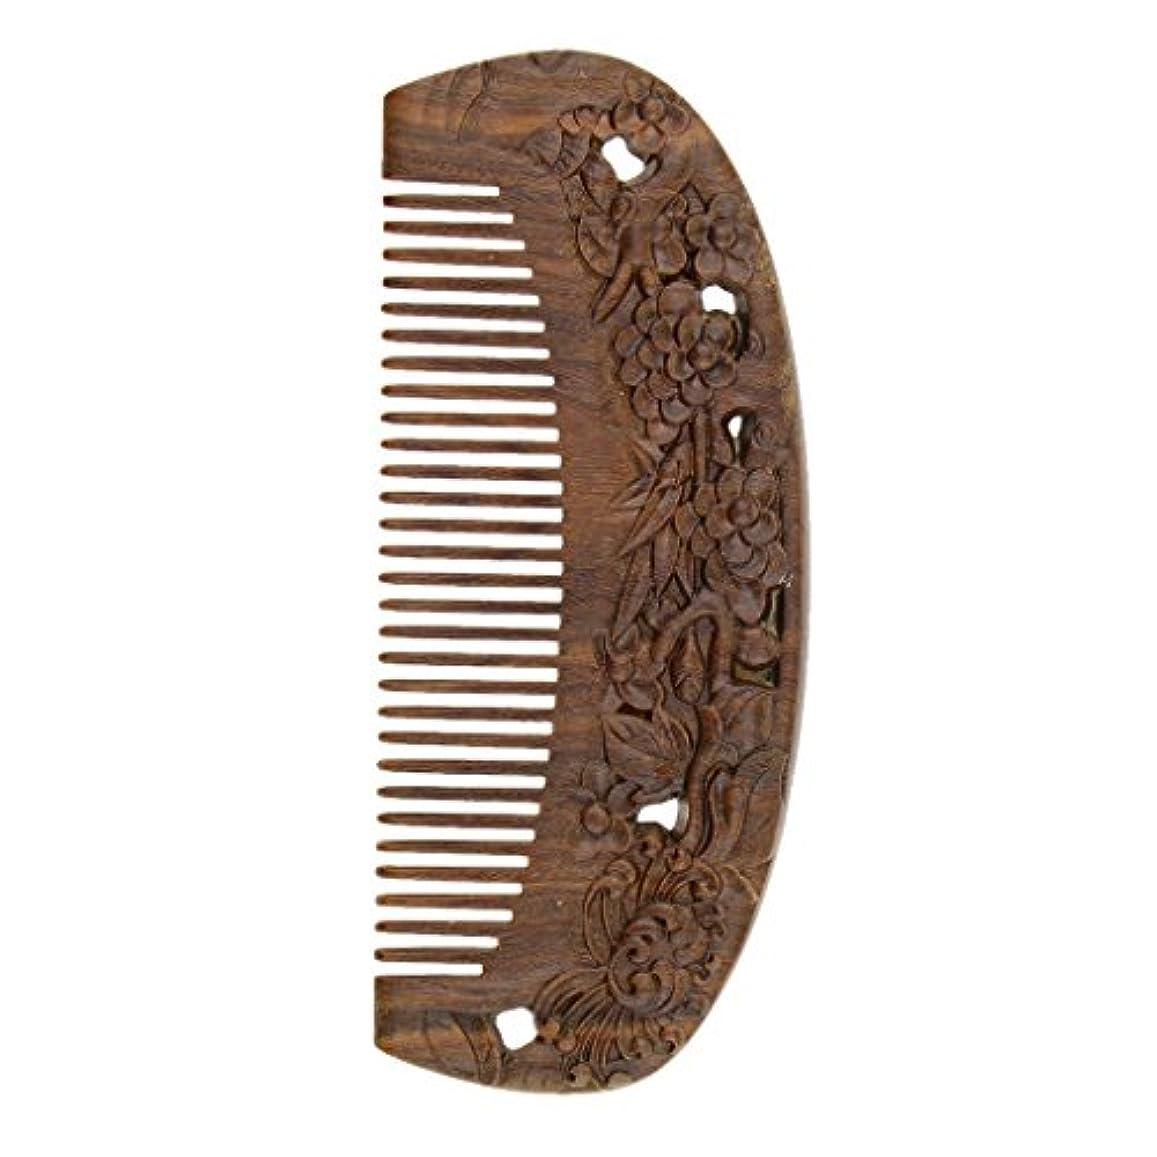 ブルーベル添付義務DYNWAVE ヘアスタイリング 木製コーム ウッドコーム ワイド歯 頭皮マッサージ ヘアブラシ 全2種類 - #2